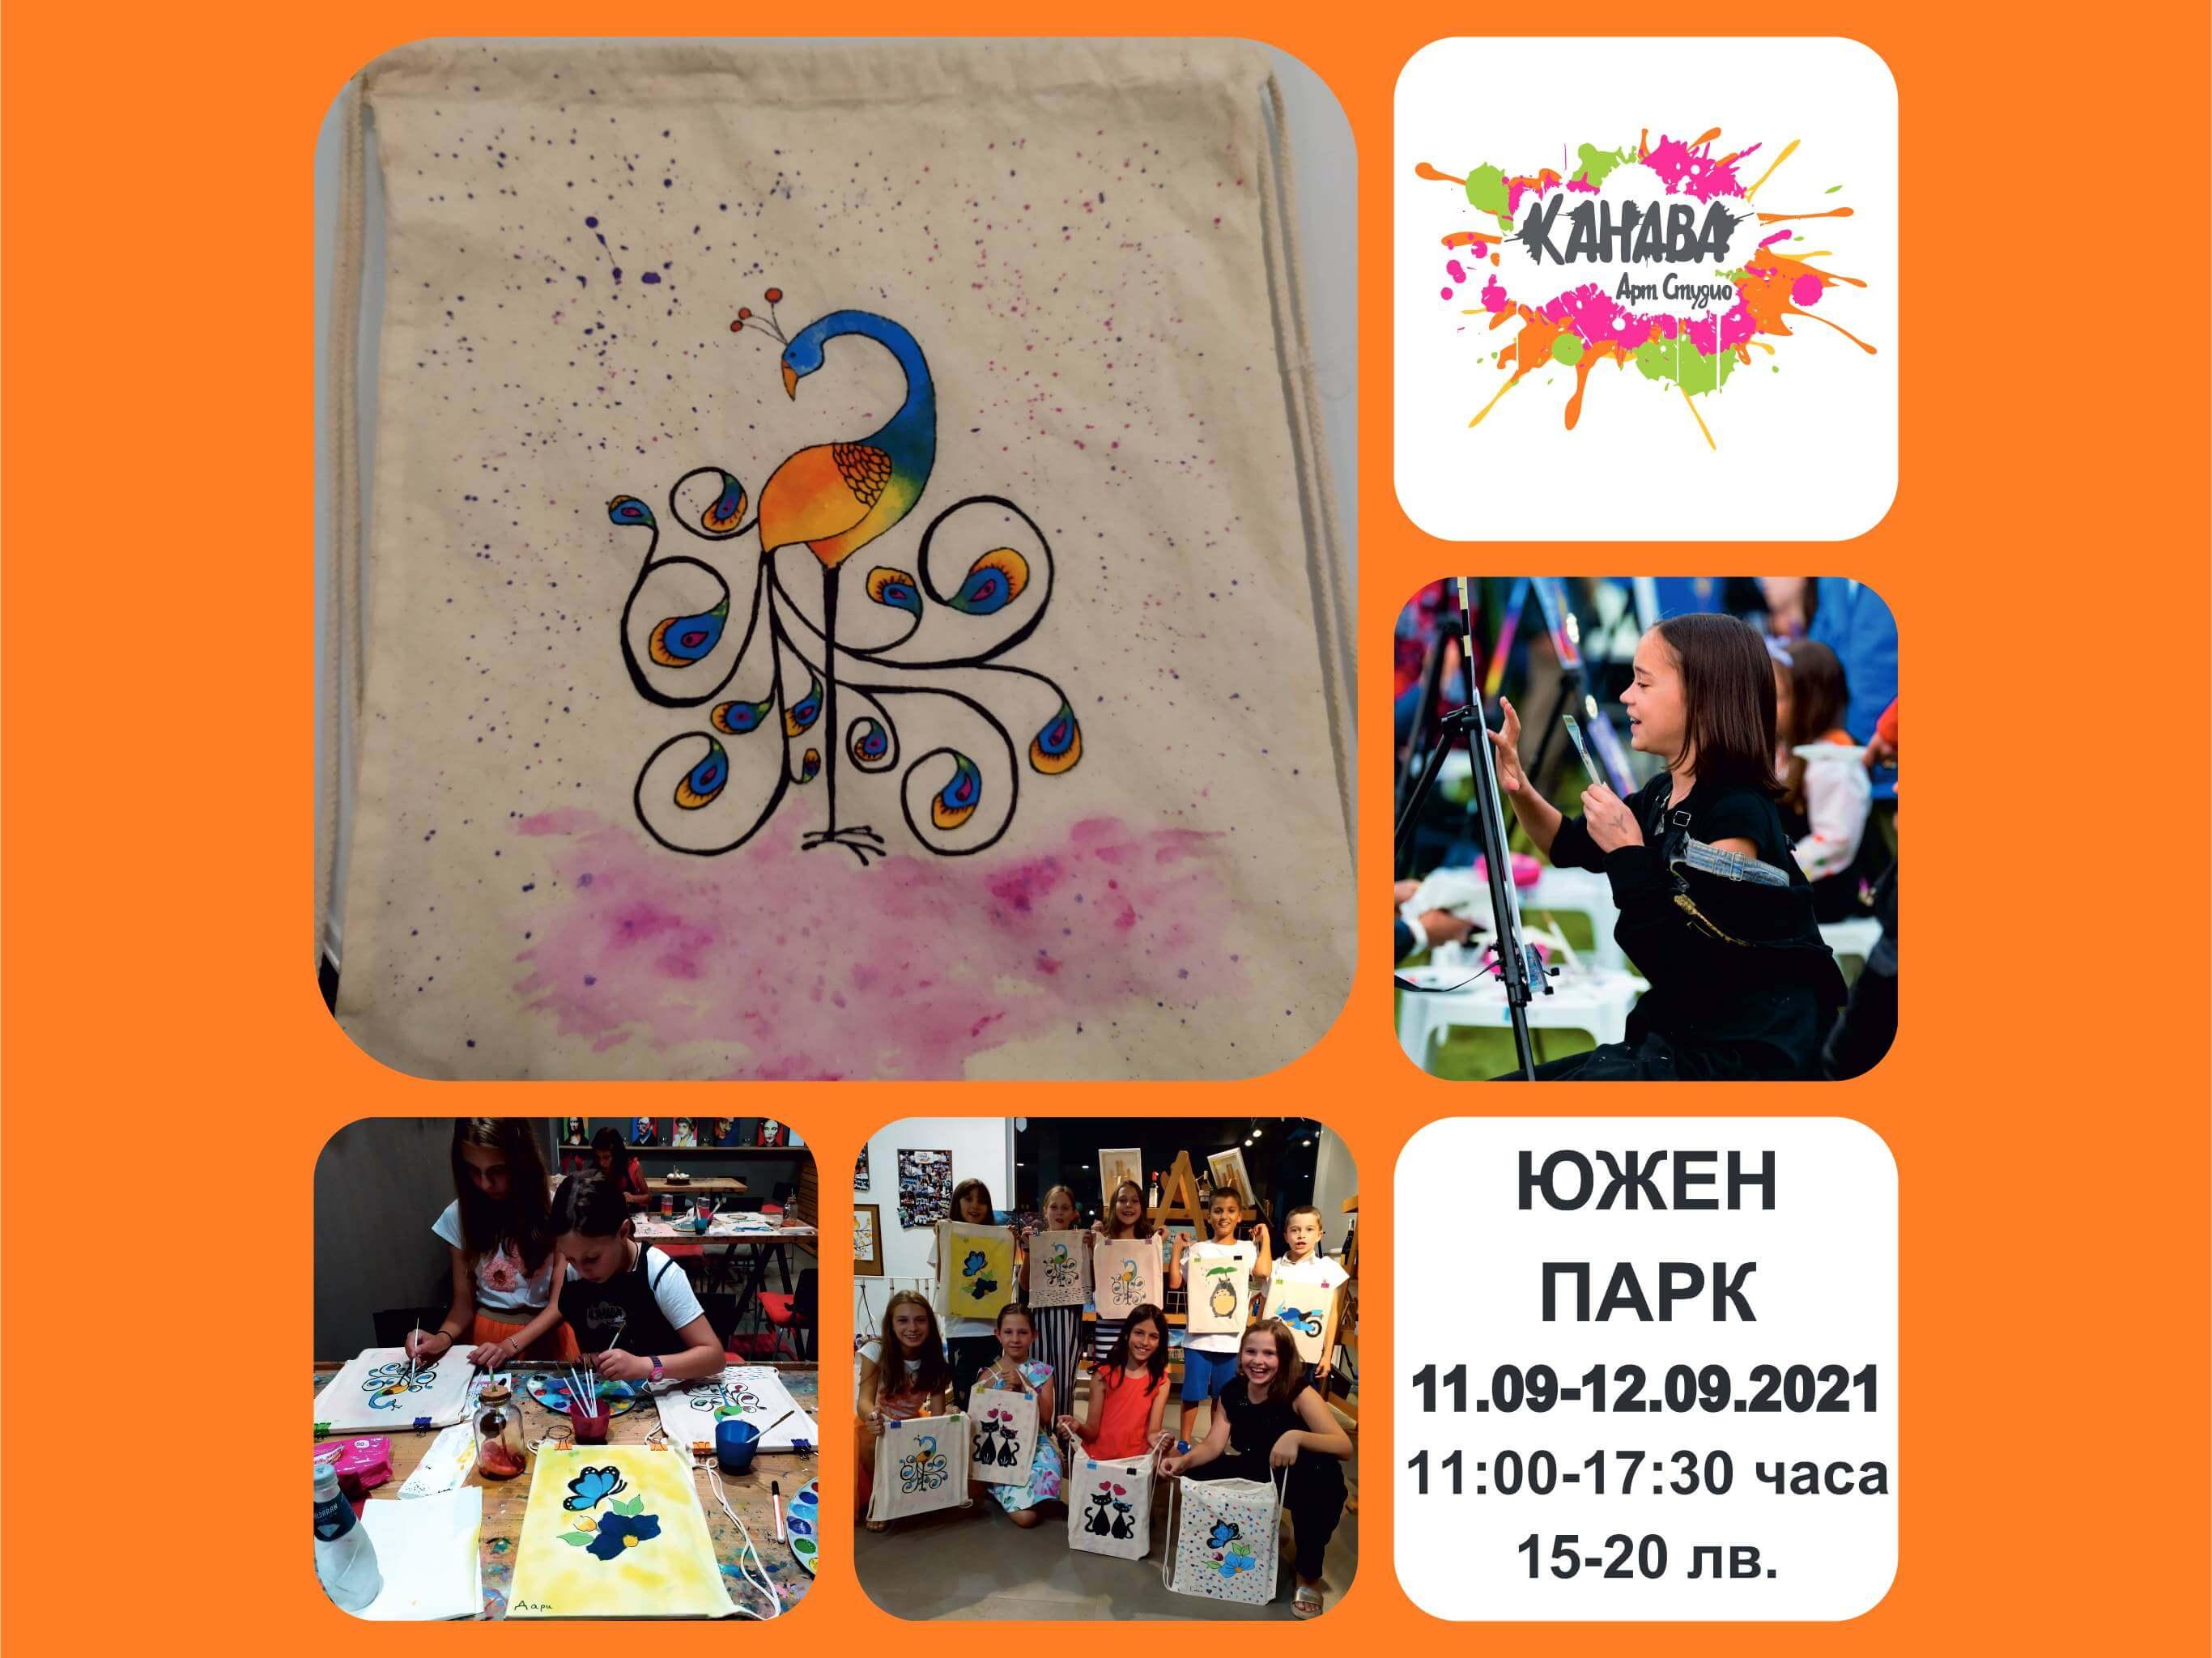 Избягай от градската скука! Рисуваме текстилни раници в Южен Парк 11.09-12.09.2021!